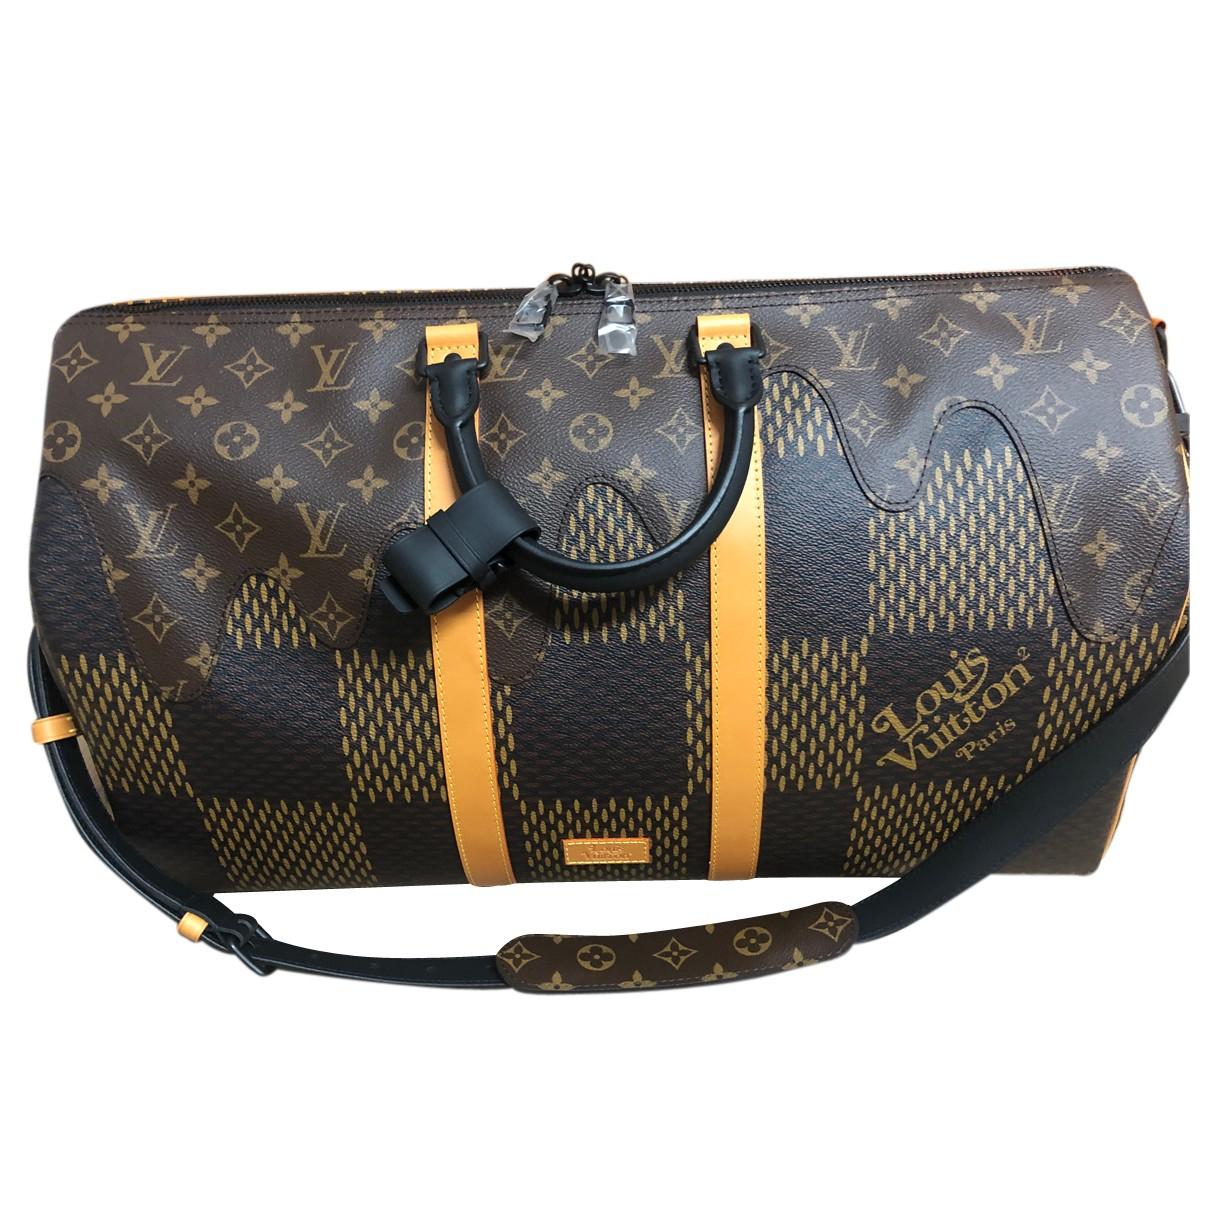 Louis Vuitton X Nigo - Sac   pour homme en cuir - marron